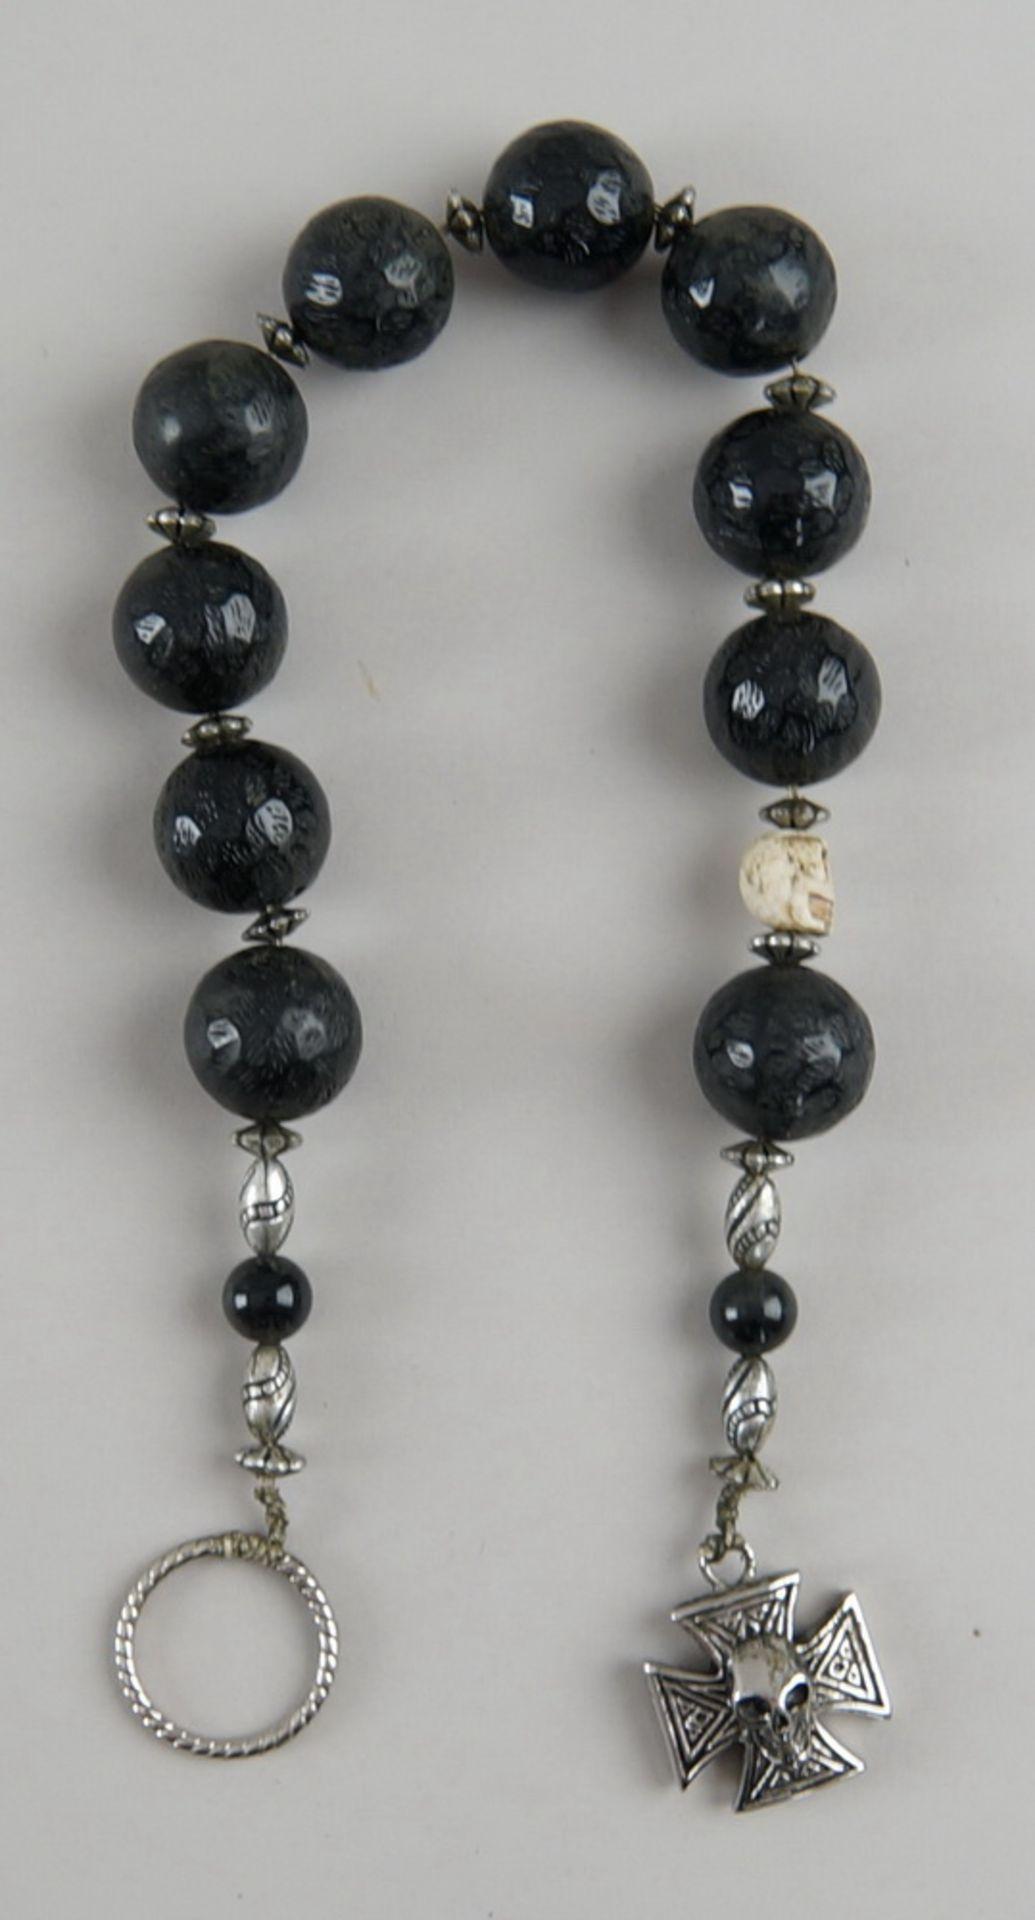 Faulenzer / Zehner Gebetskette mit Silberring und in Bein geschnitztem Totenkopf, kleinesKreuz mit